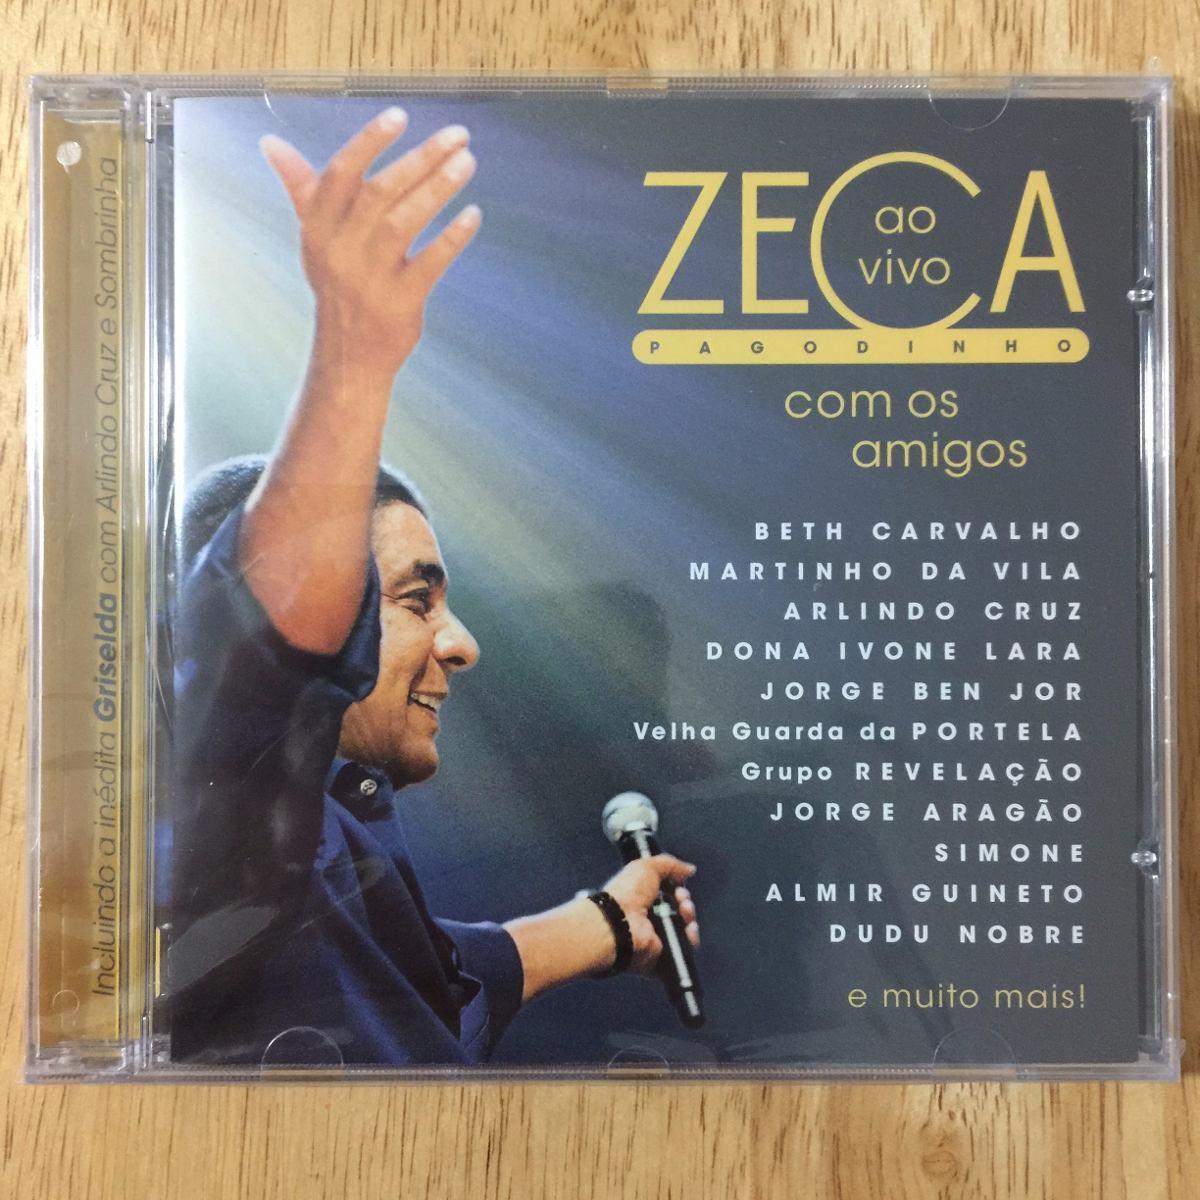 cd zeca pagodinho 2011